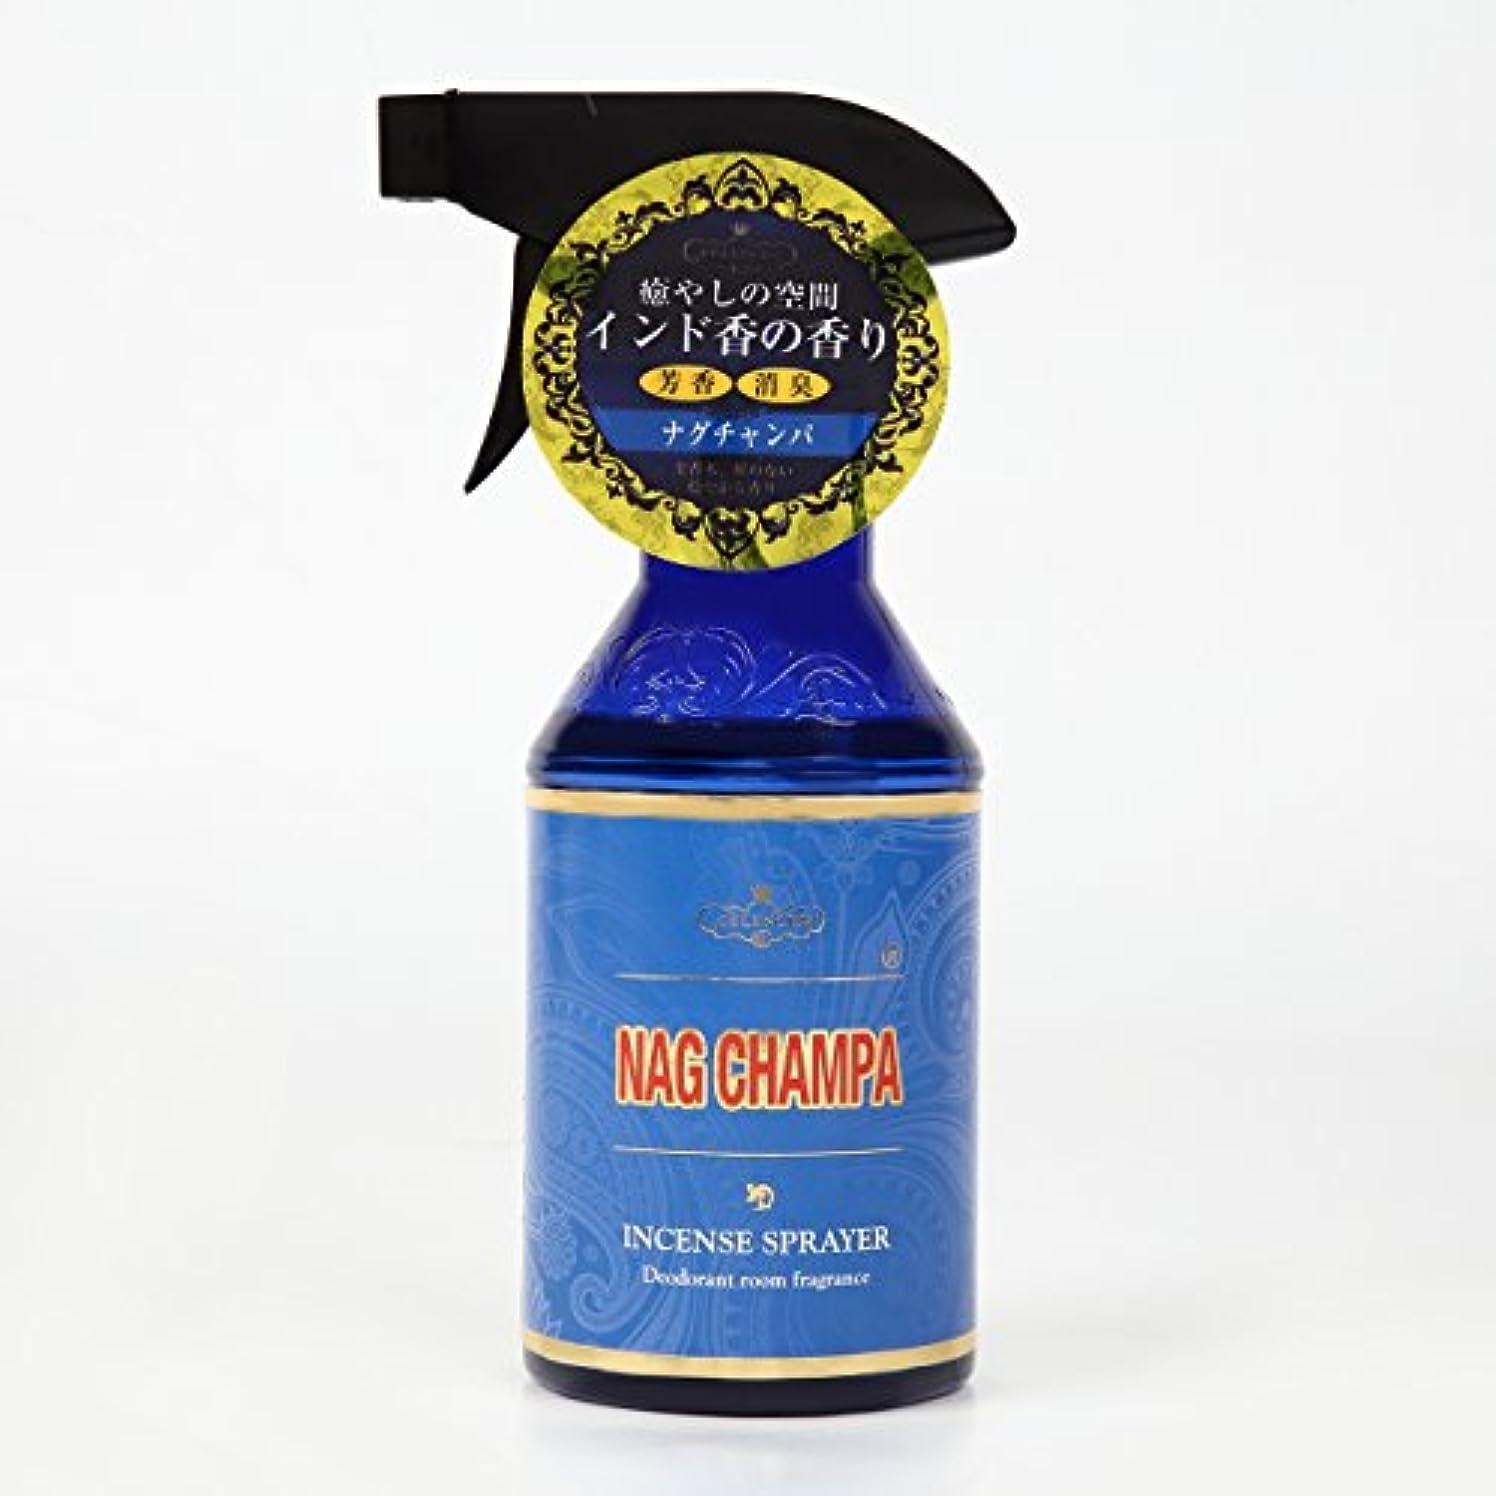 ボイドカリキュラムサージお香の香りの芳香剤 セレンスフレグランスルームスプレー ナグチャンパ